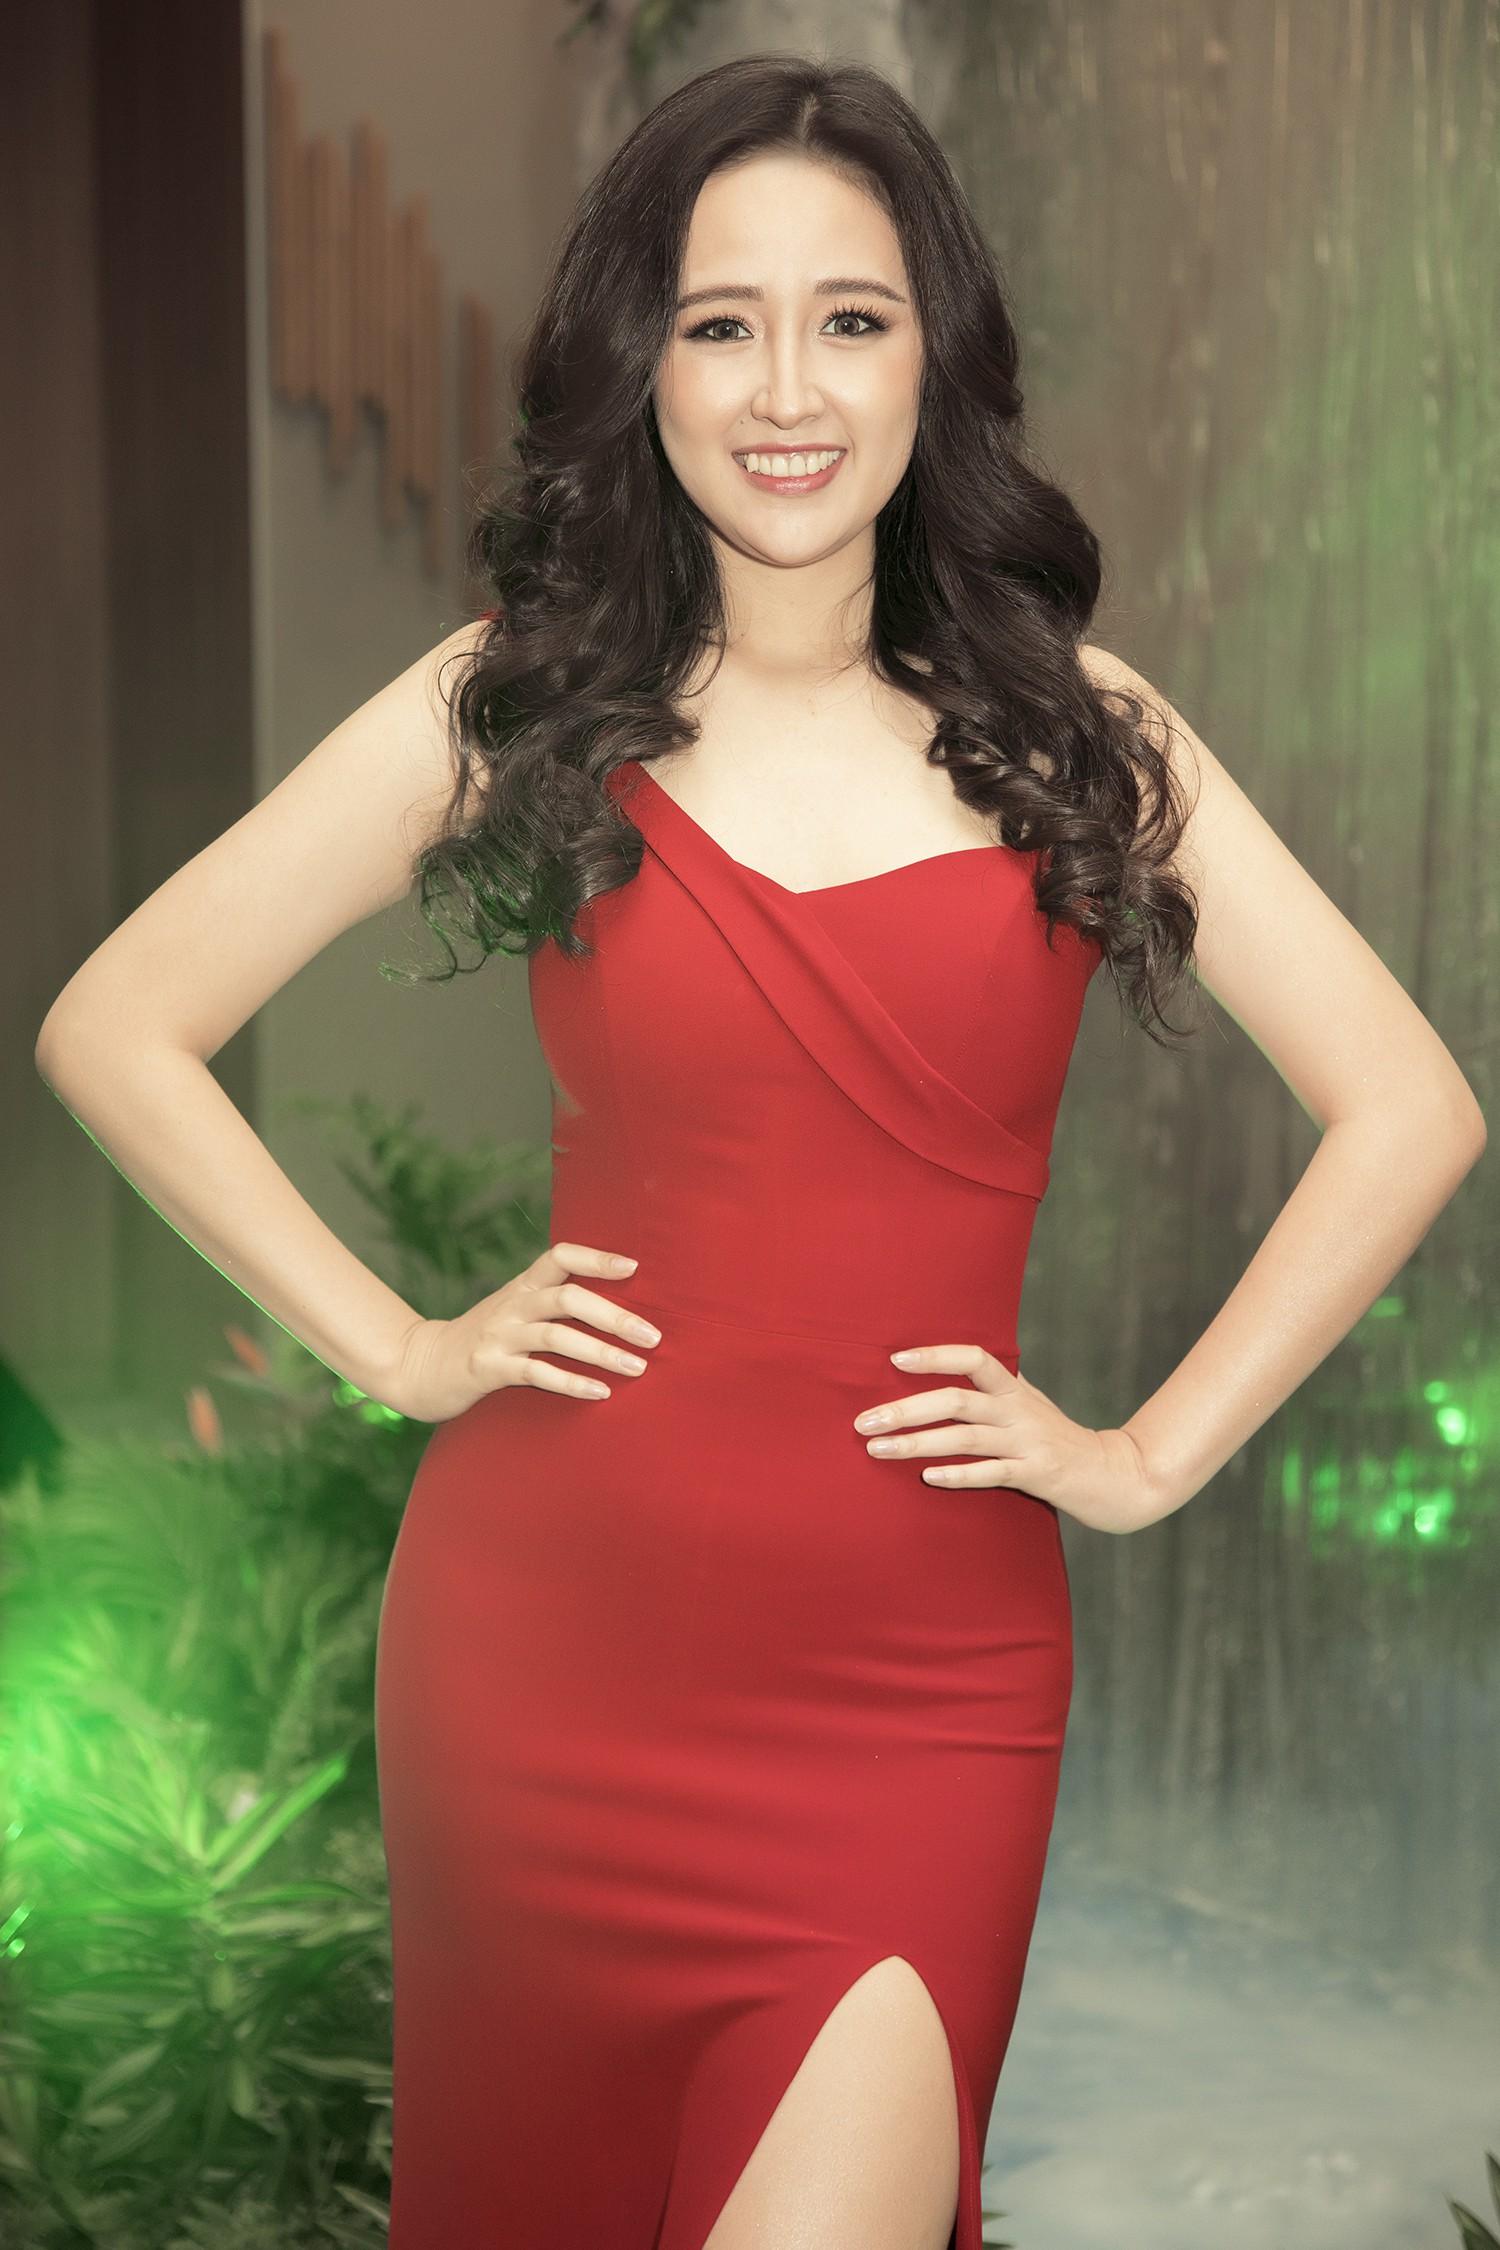 Hoa hậu Mai Phương Thúy gợi cảm khoe vai trần với đầm đỏ - Hình 2